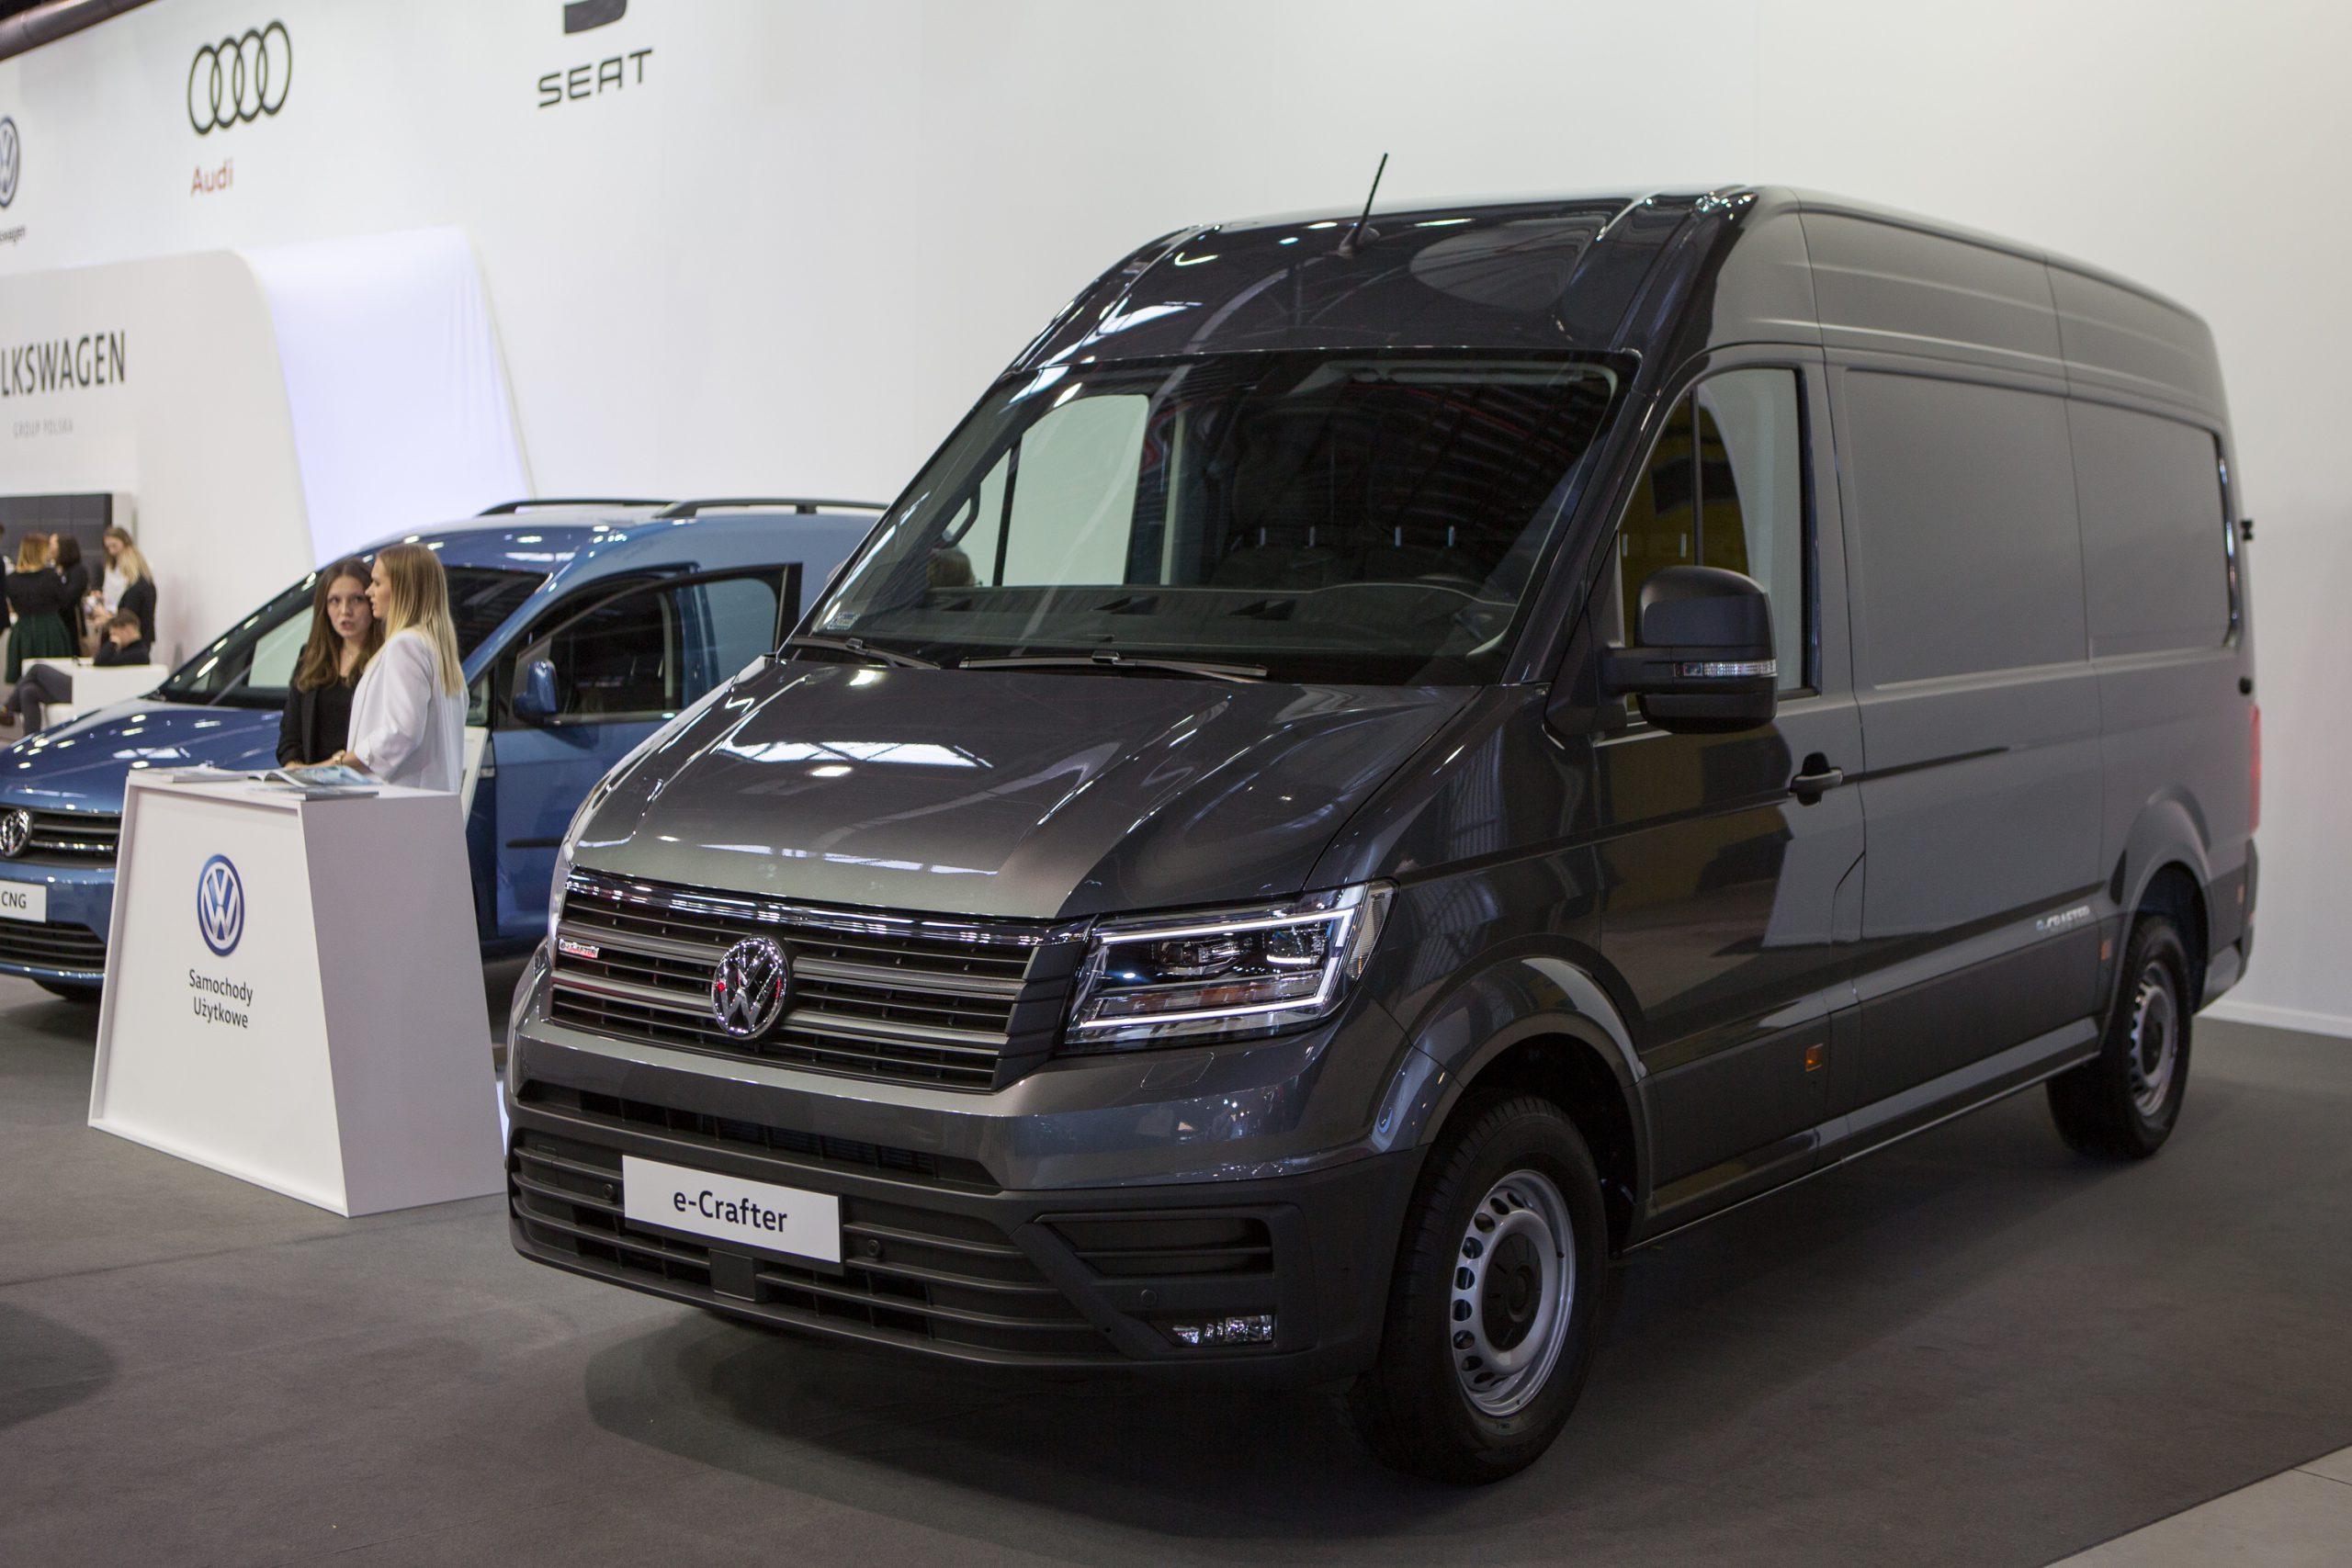 Volkswagen e-Crafter: auto dostawcze z napędem elektrycznym